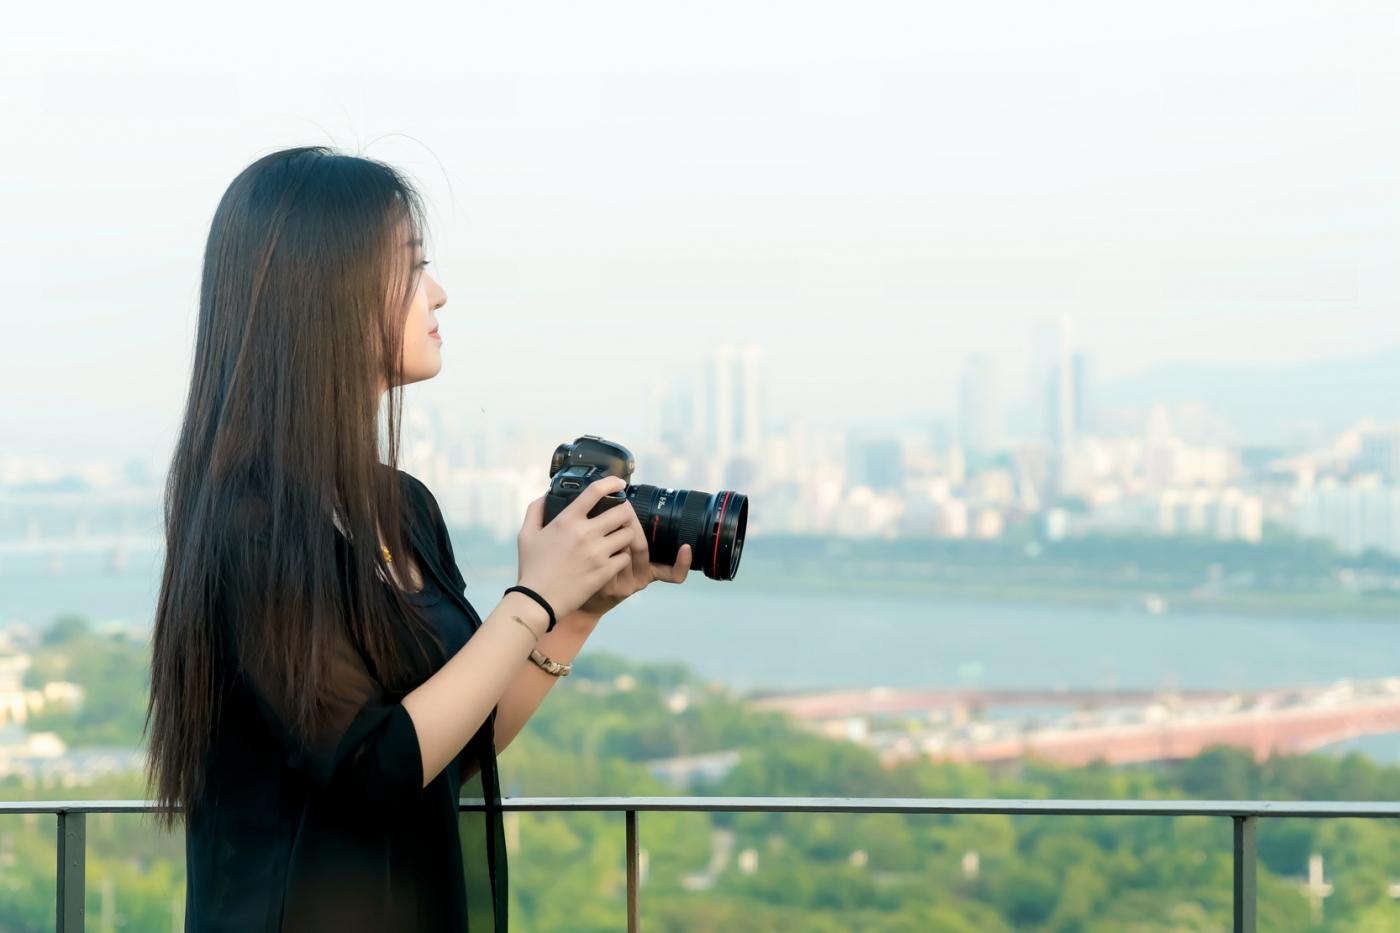 我所见过的最漂亮的女摄影师 姑娘的摄影是舞蹈老师教的吧_图1-16